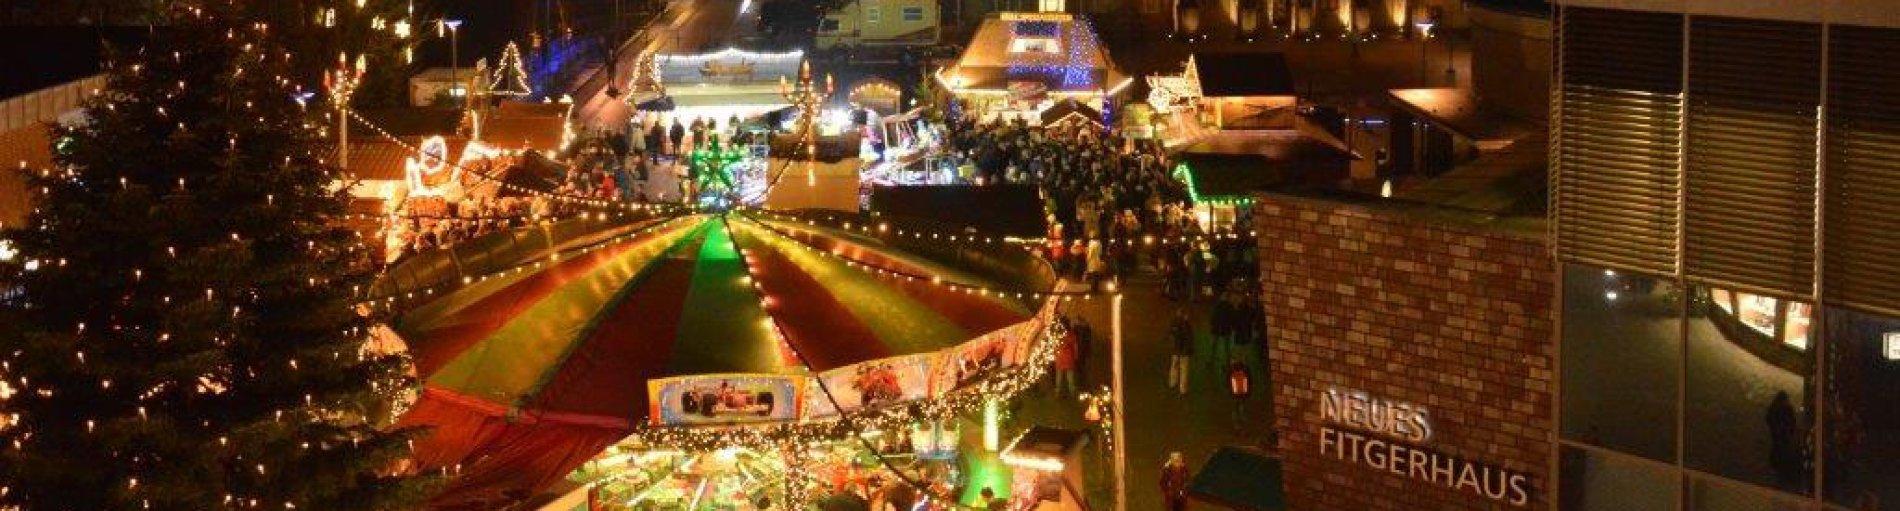 Der Weihnachtsmarkt in Delmenhorst an einem schönen Winterabend